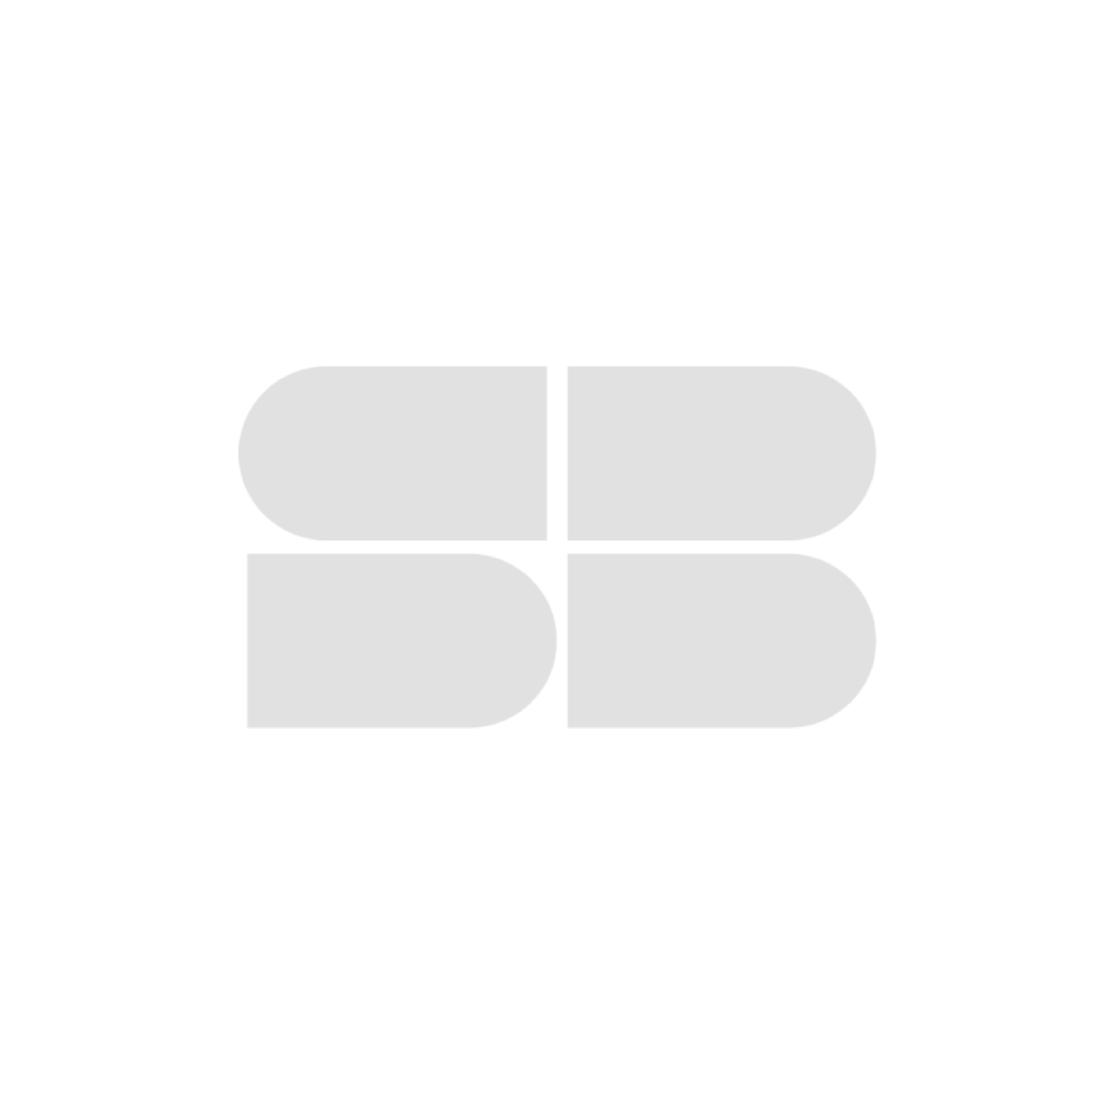 ที่นอน ที่นอนสปริง+โฟมสังเคราะห์ สีสีขาว-SB Design Square